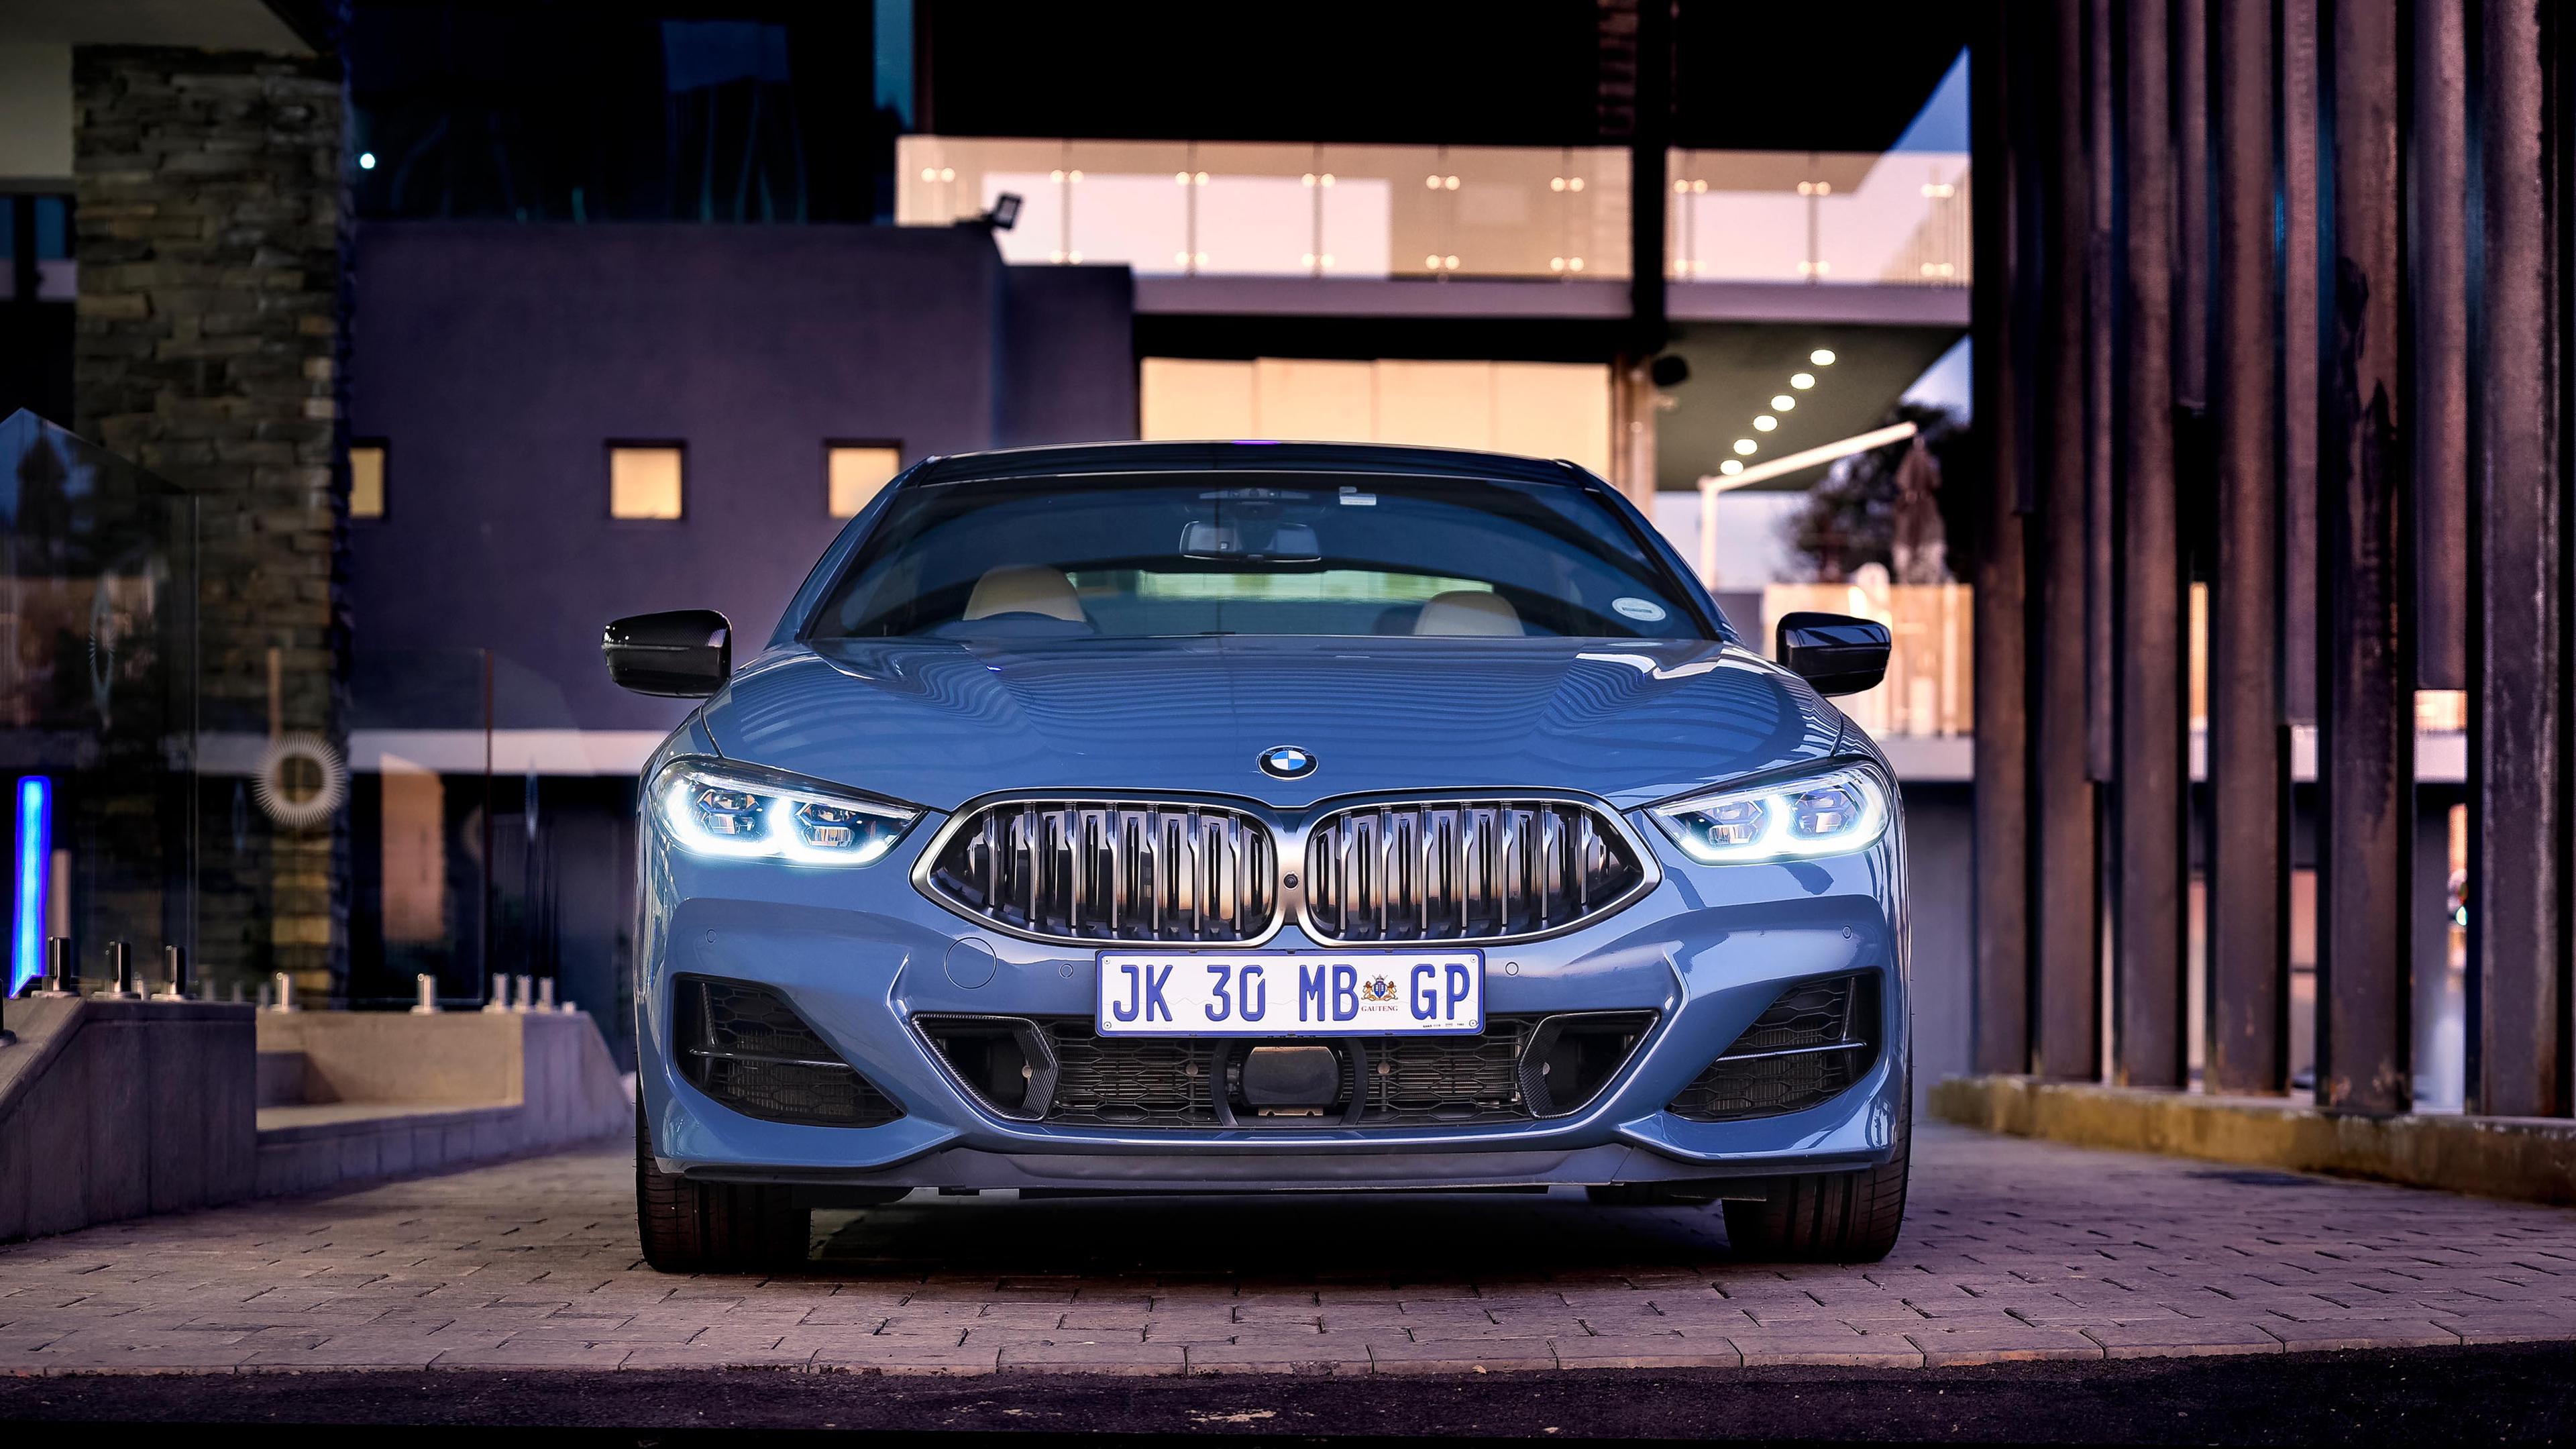 BMW M850i xDrive Gran Coupé 2020 4K 3 Wallpaper | HD Car ...